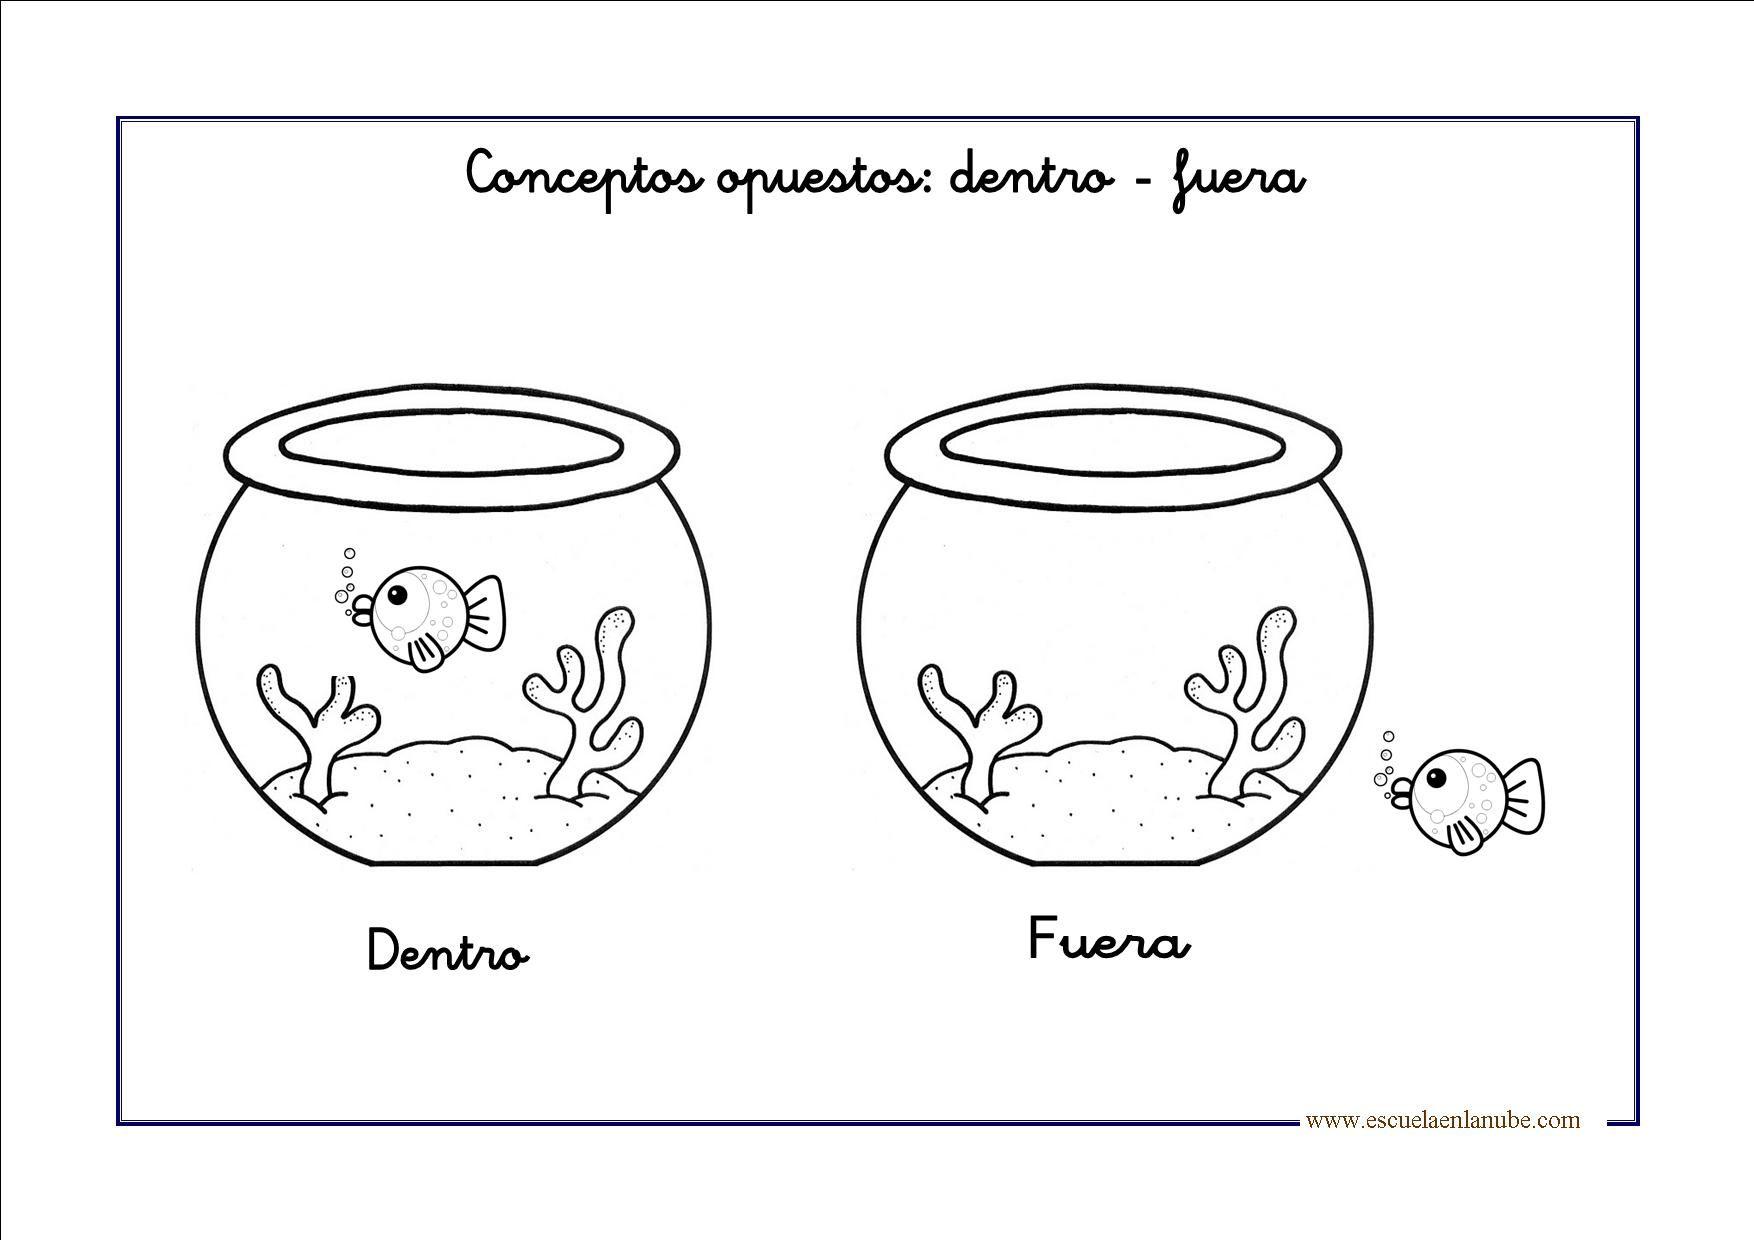 Fichas Opuestos Con Imagenes Fichas Opuestos Preescolar